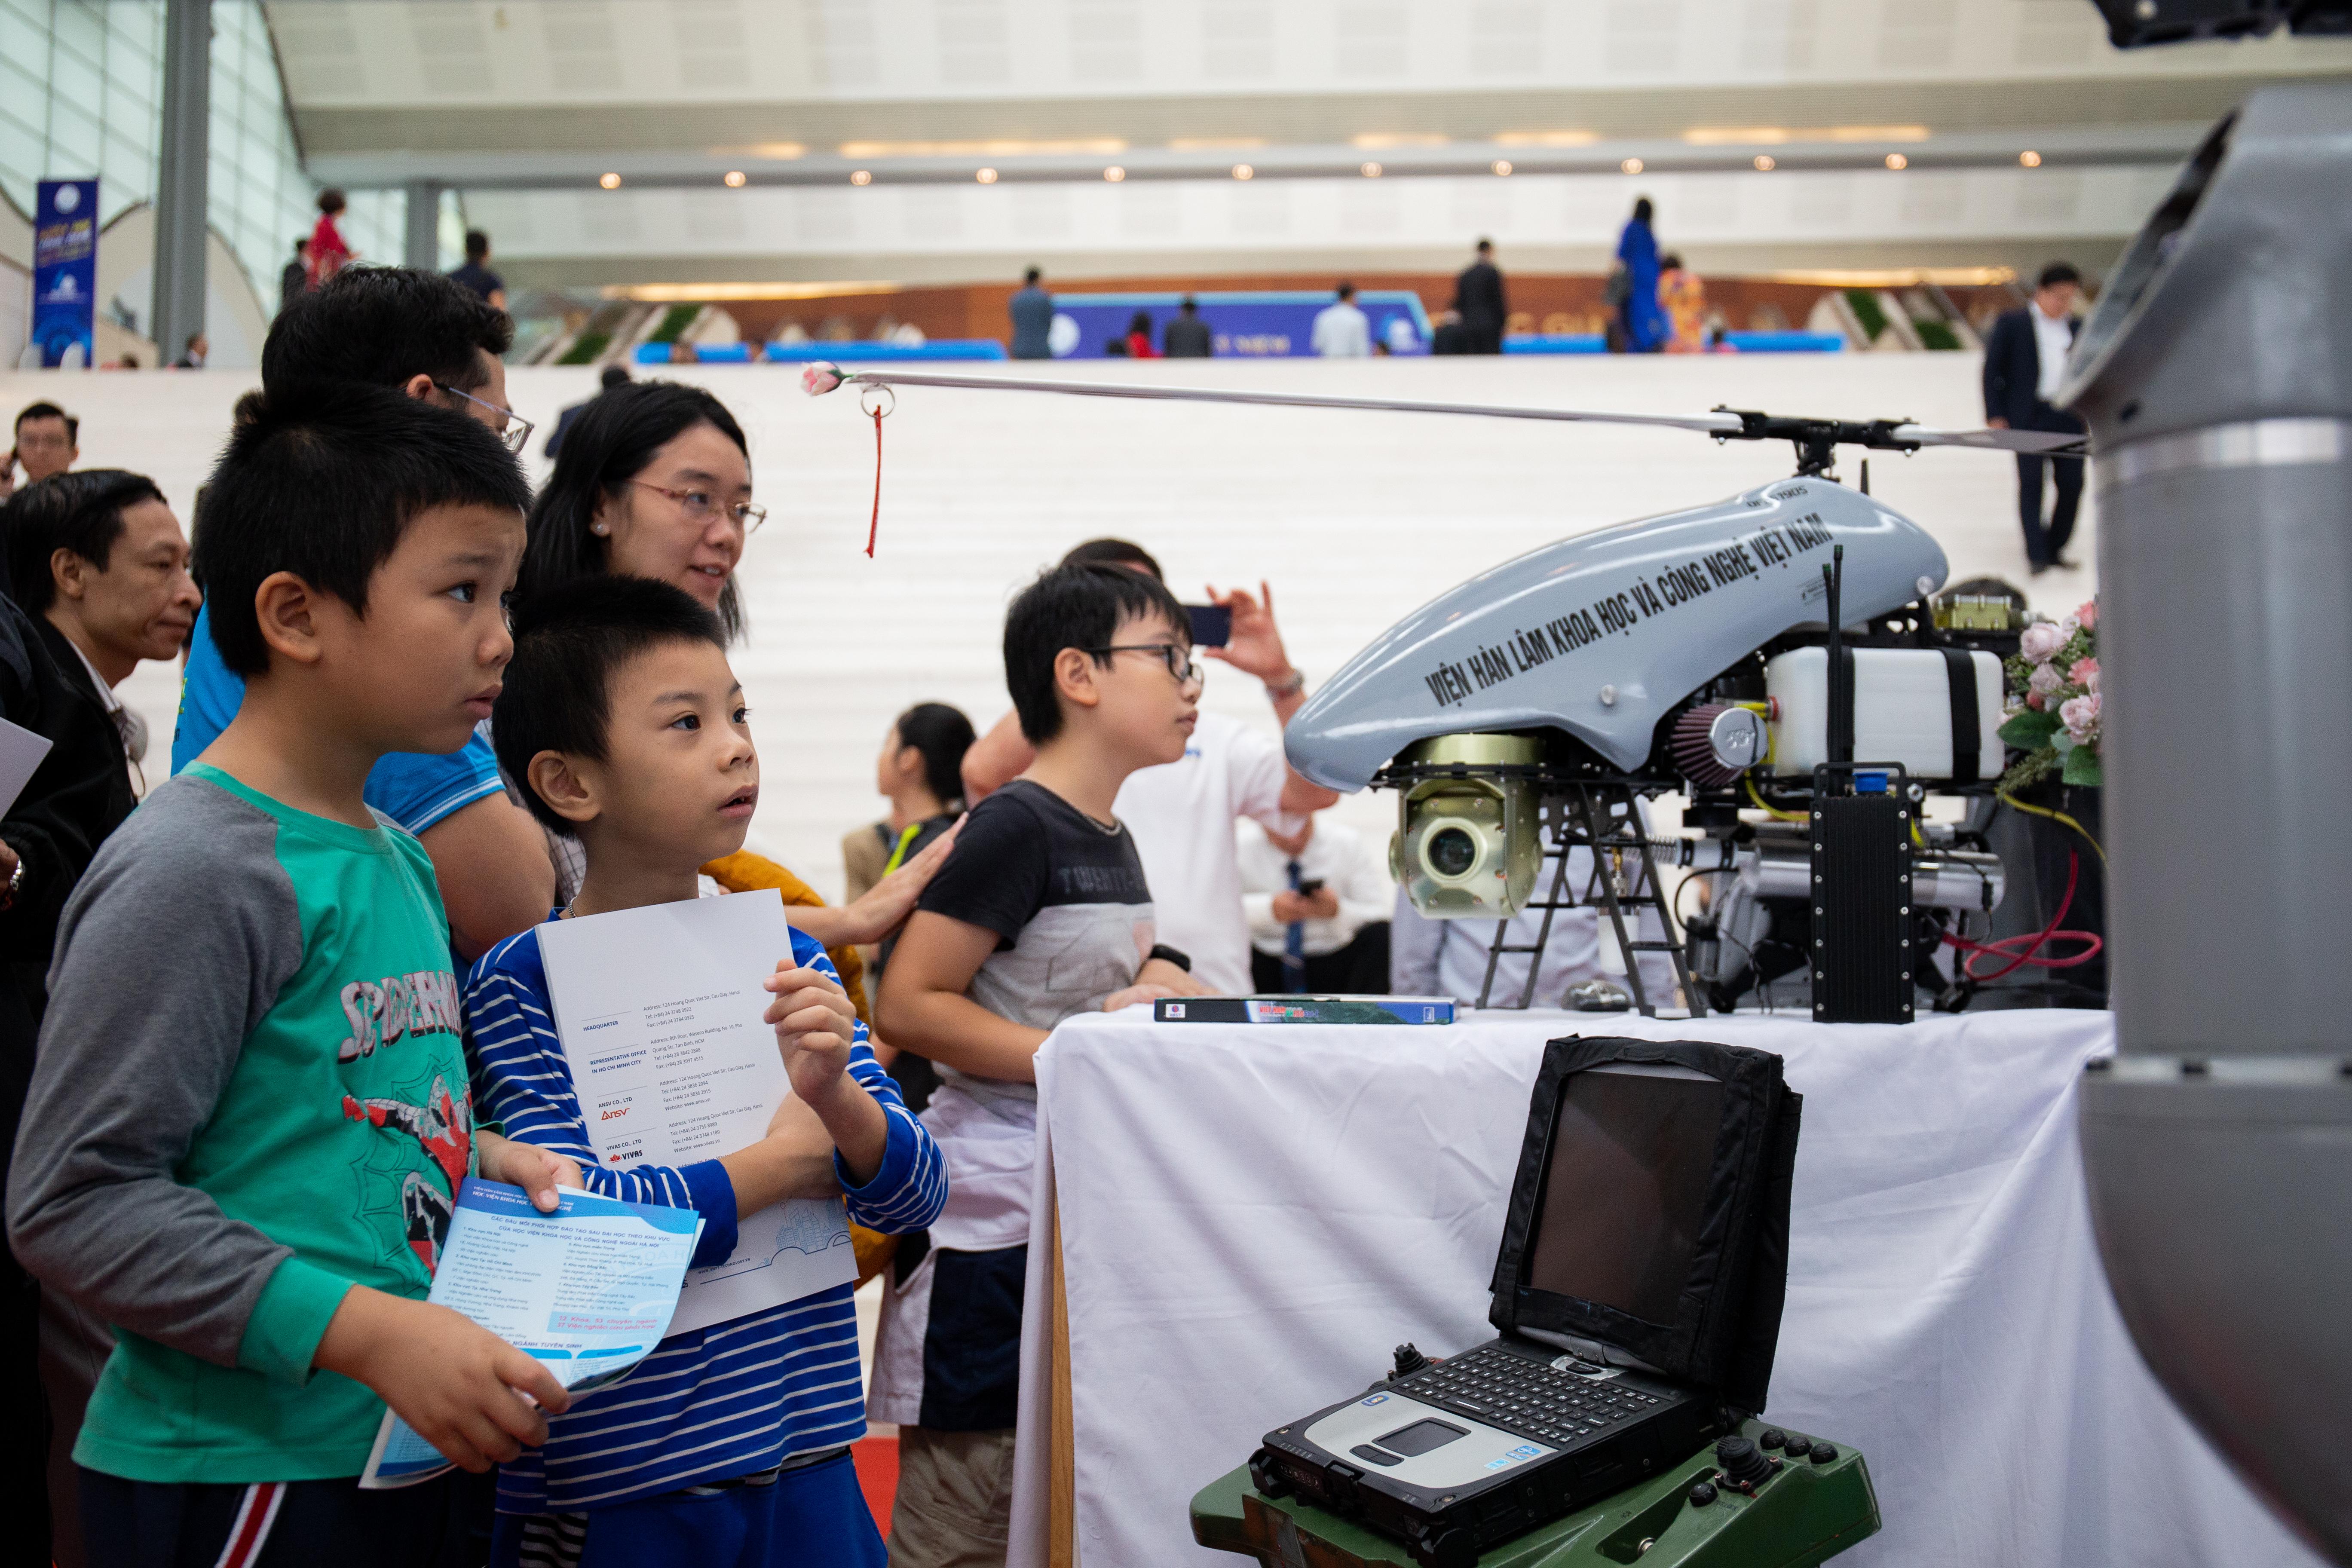 Máy bay điều khiển từ xa Dragonfly 26 ở gian hàng trưng bày của Viện Hàn lâm Khoa học và Công nghệ Việt Nam tại lễ kỷ niệm 60 năm thành lập Bộ Khoa học và Công nghệ. Ảnh: Hoàng Nam